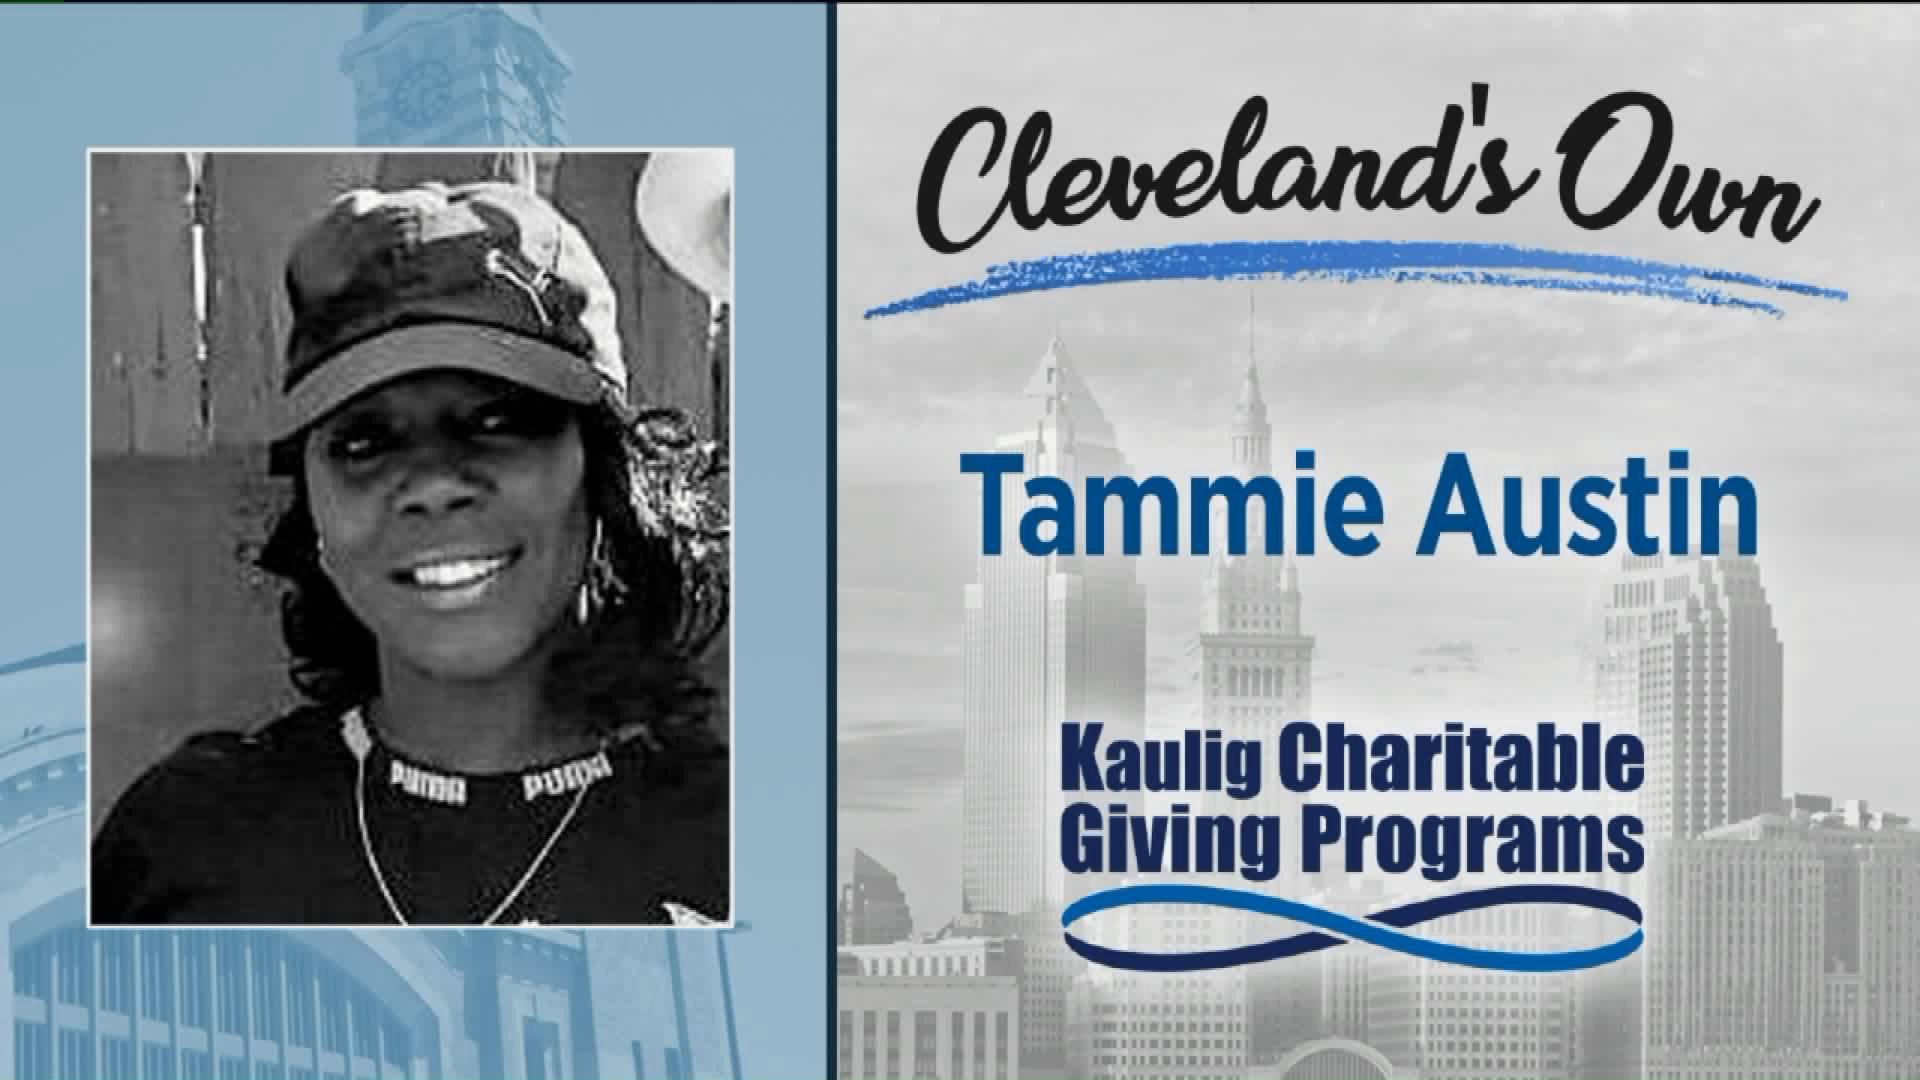 Tammie Austin, Cleveland's Own